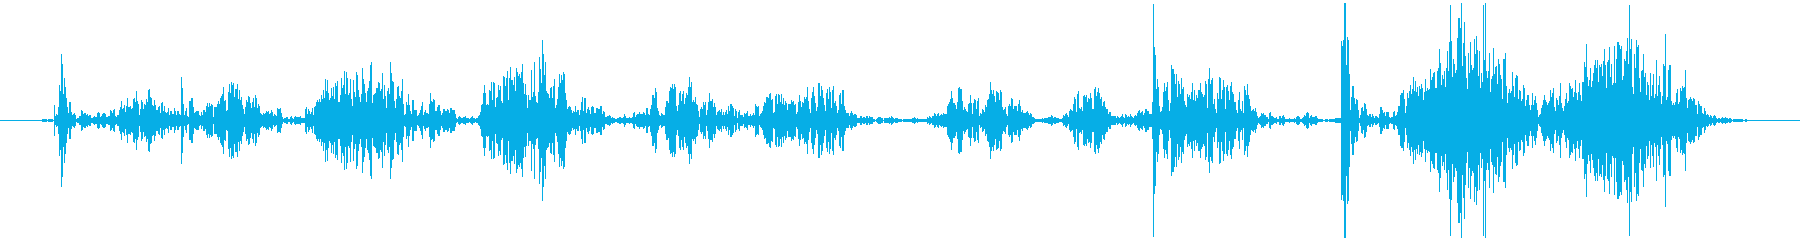 ボールペンで サインする音の再生済みの波形